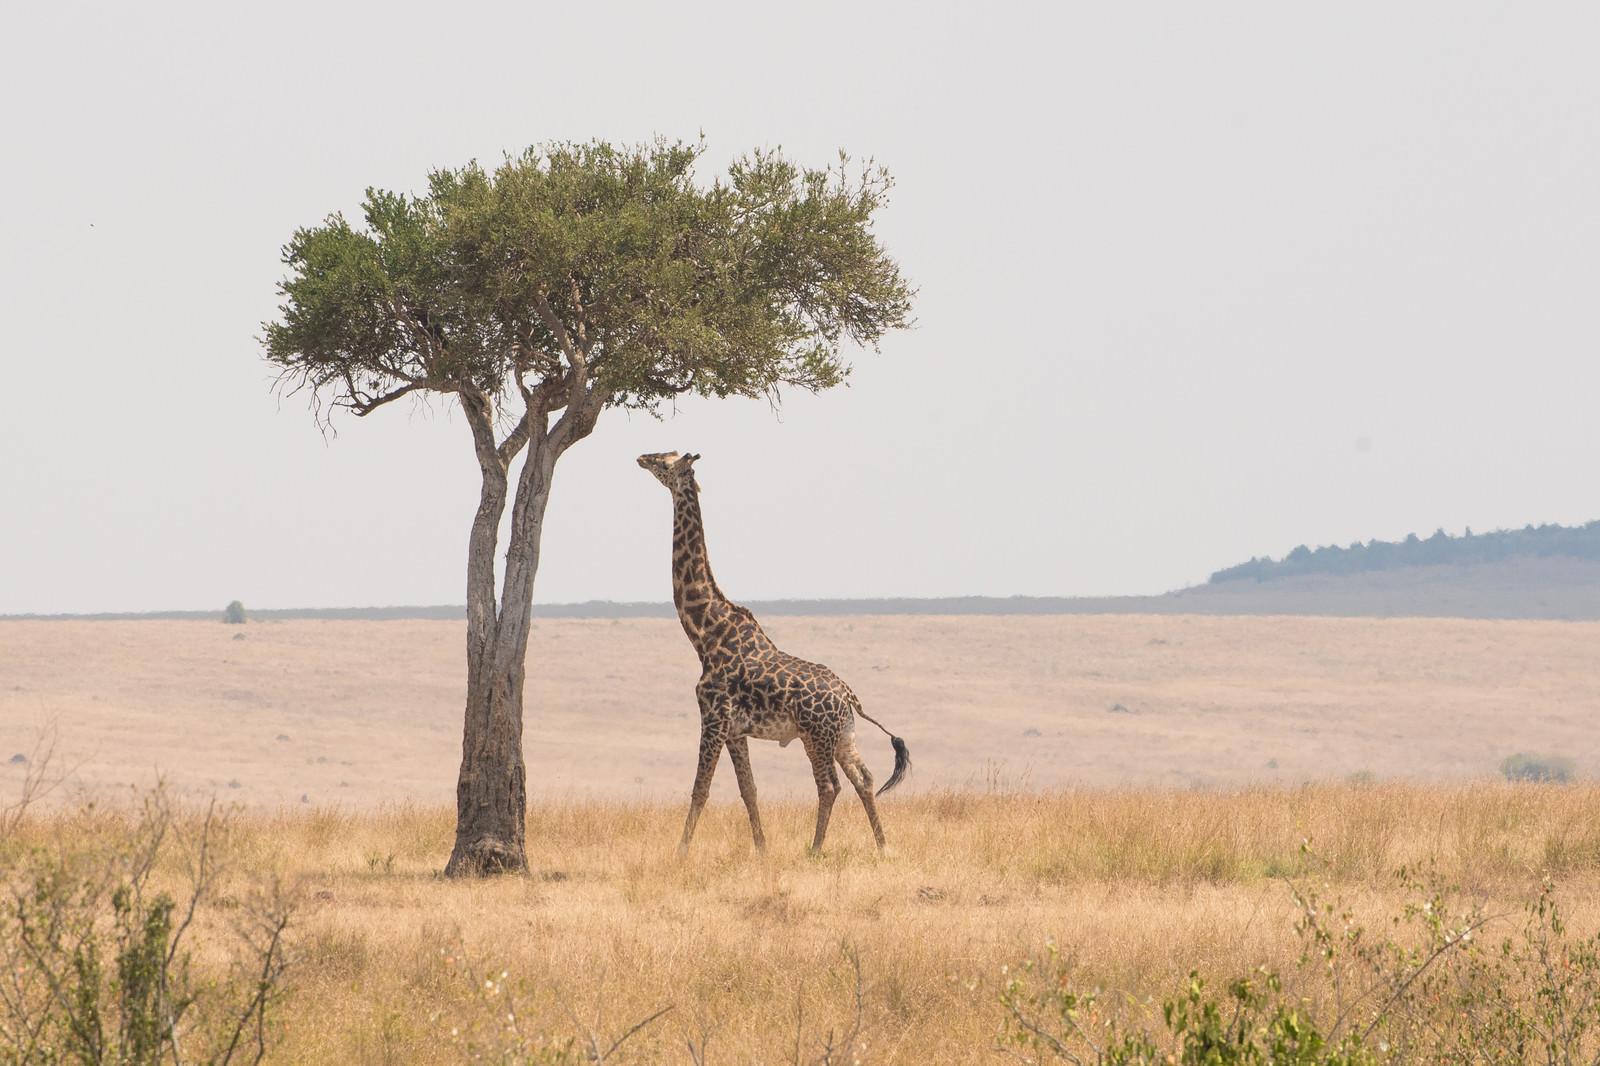 「サバンナで高い木を食べるキリン」の写真